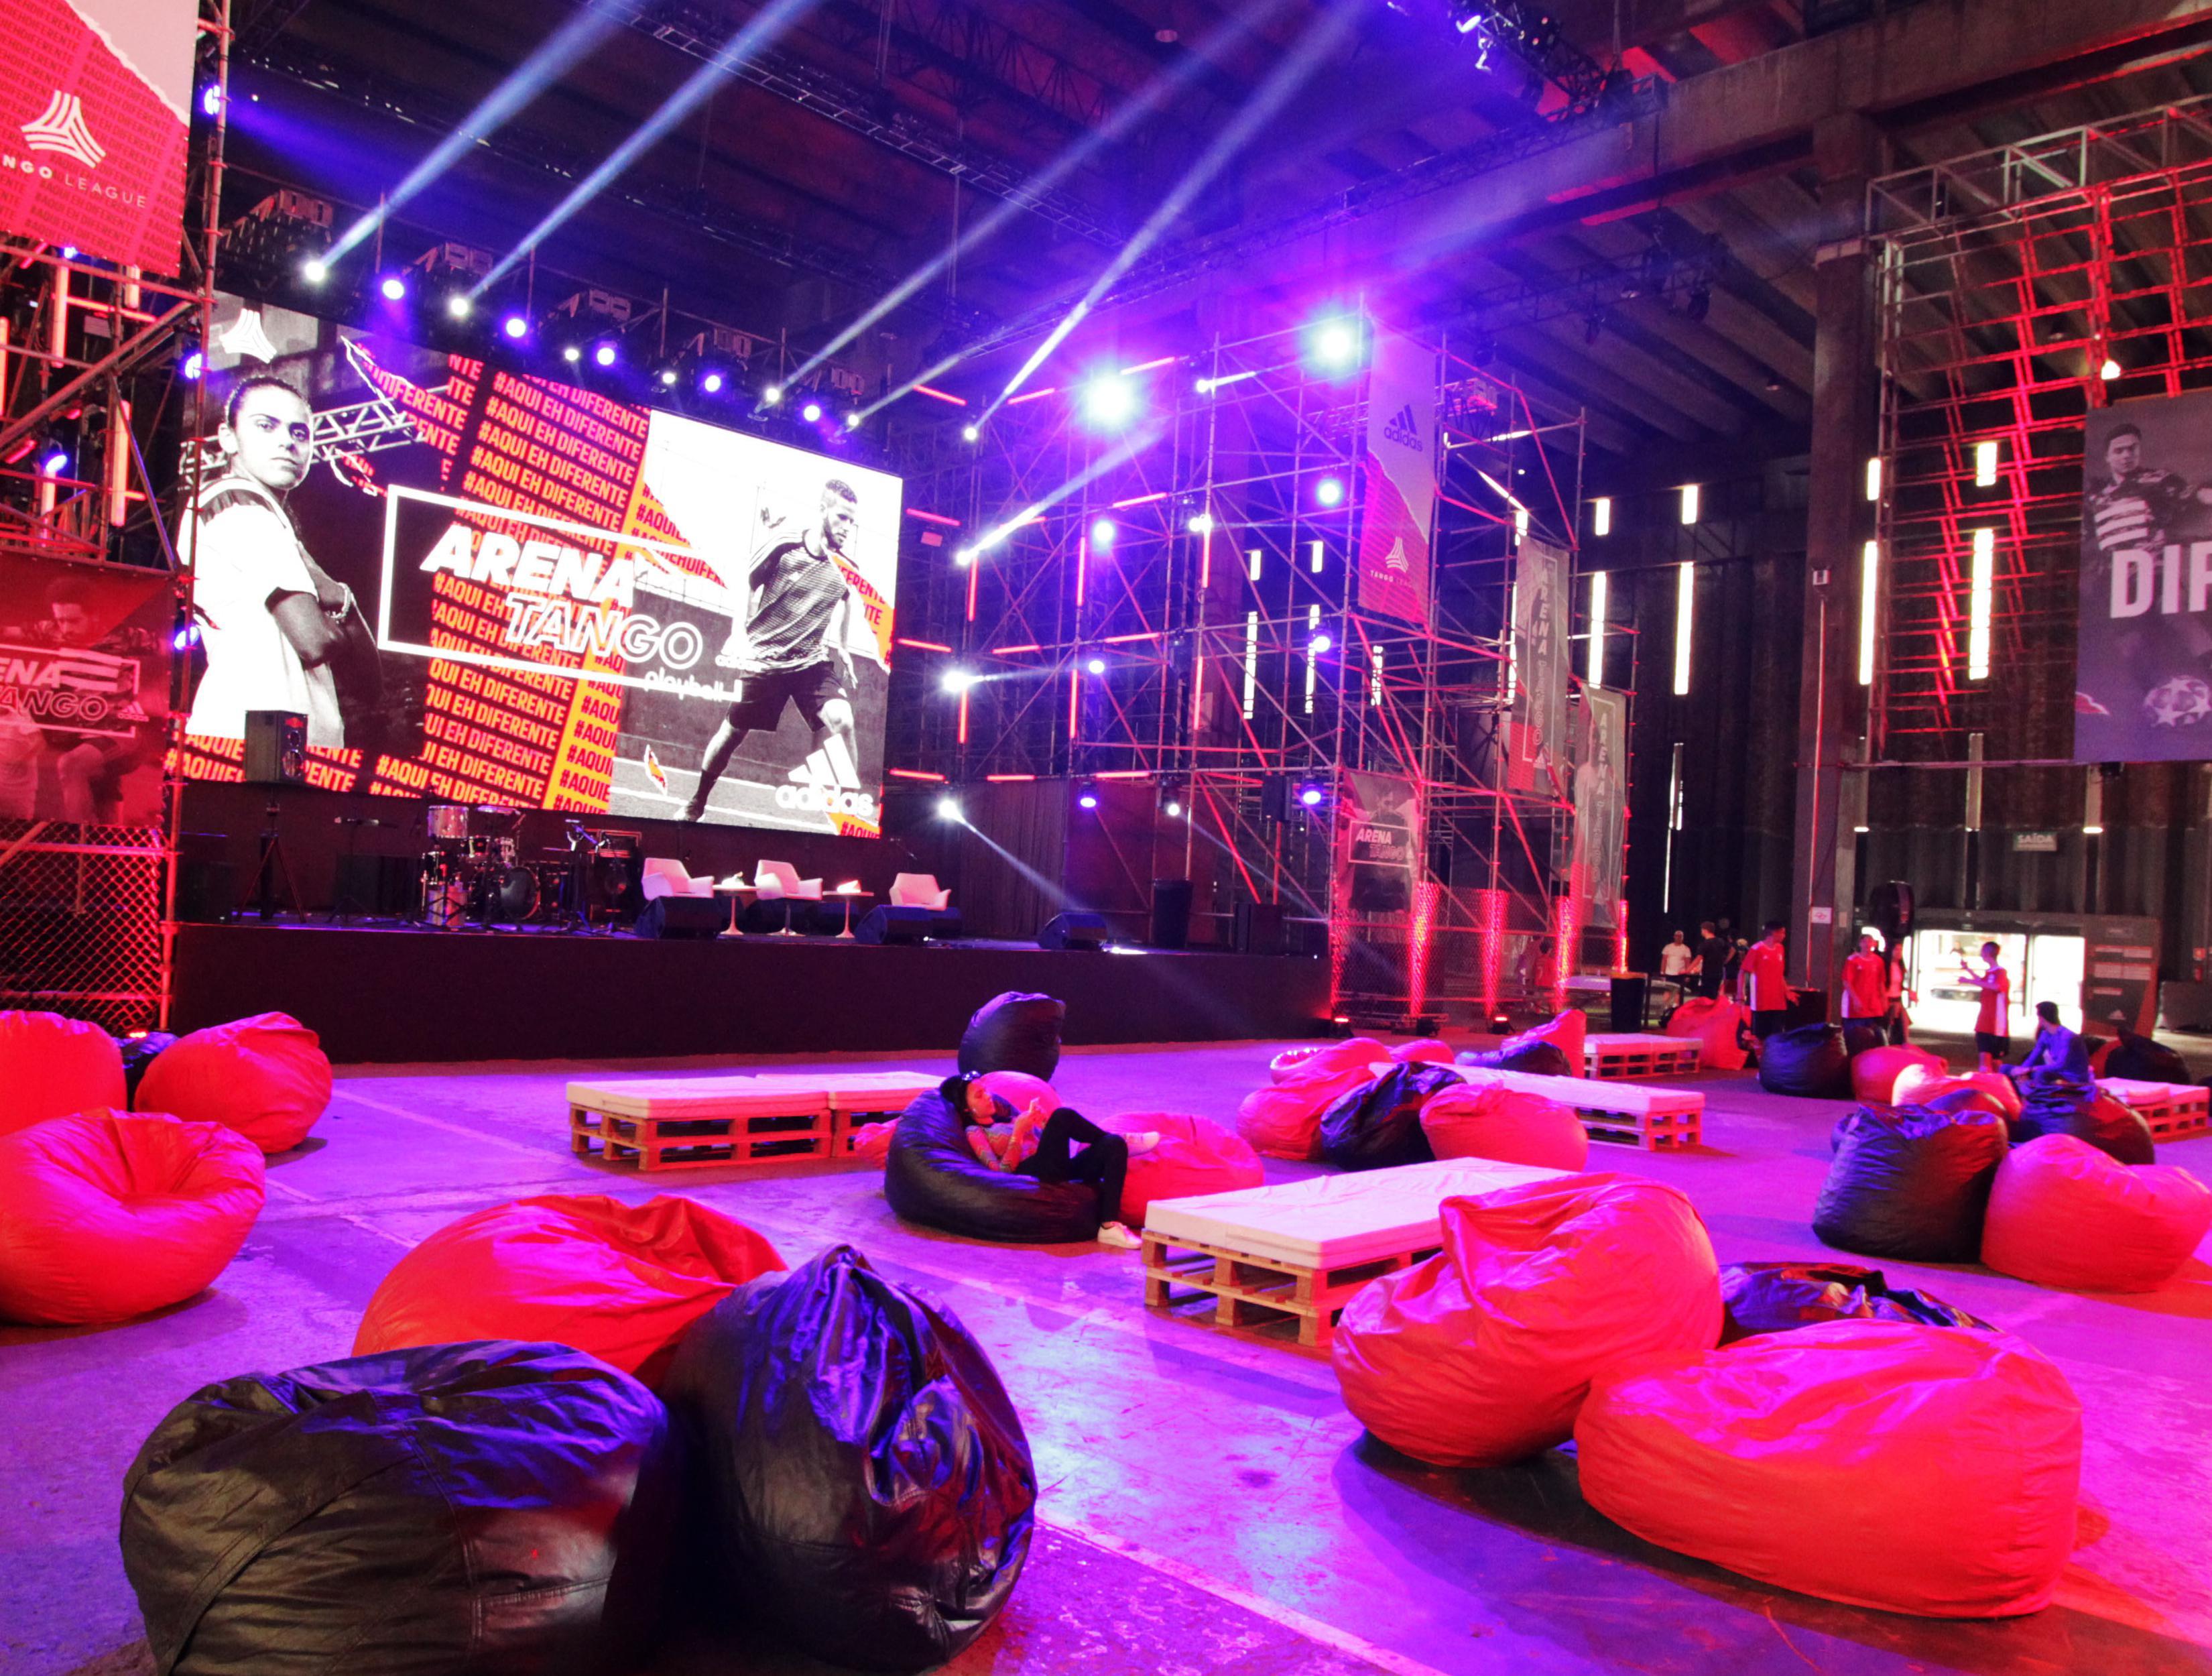 Adidas - Arena Tango 2019